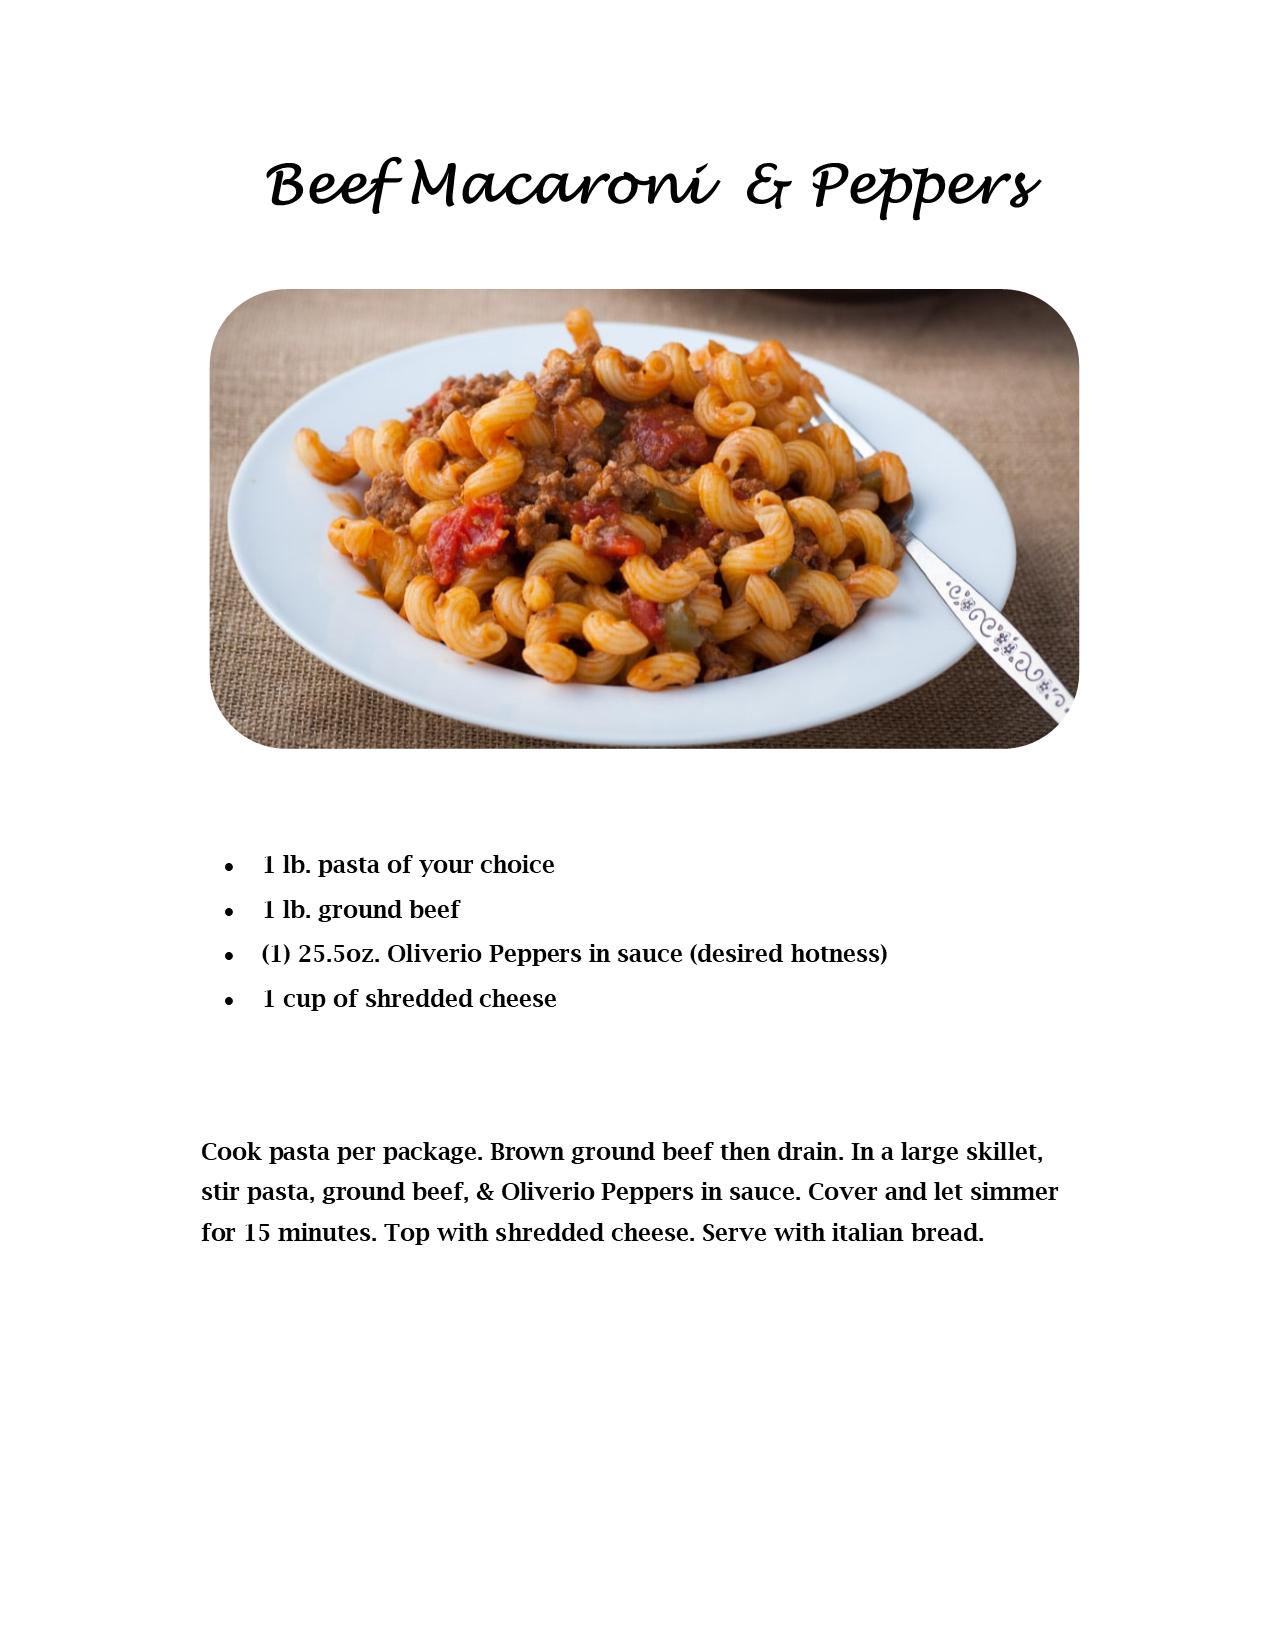 Beef Macaroni & Peppers